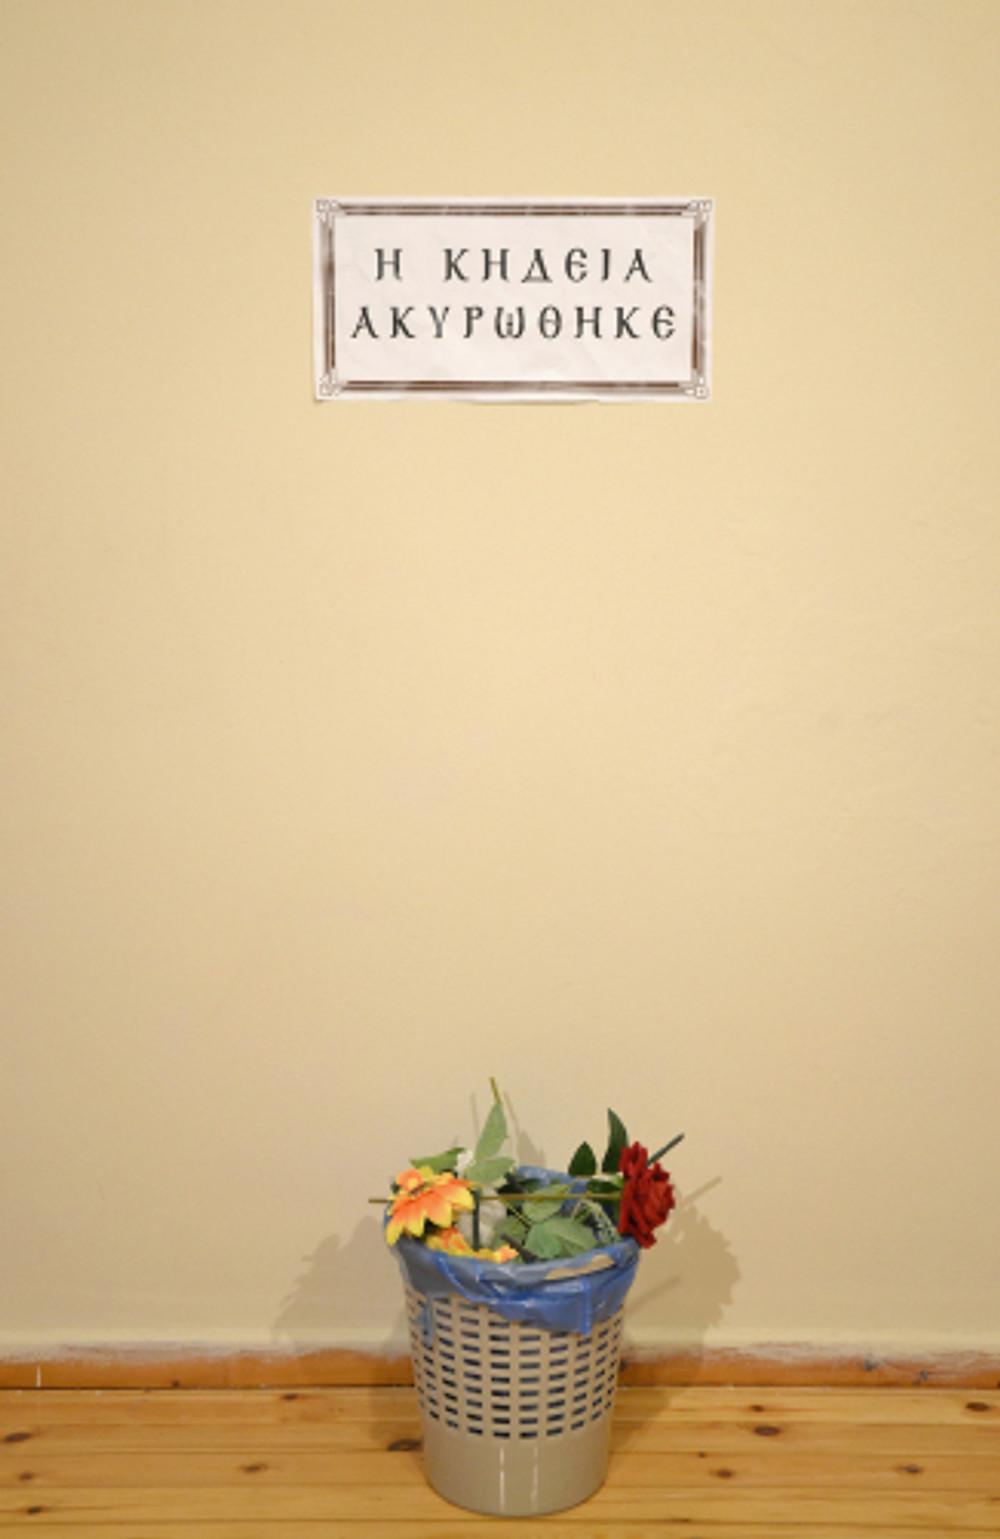 (χωρίς τίτλο), μεταβλητές διαστάσεις, ψηφιακή εκτύπωση, καλάθι σκουπιδιών, πλαστικά λουλούδια, 2017